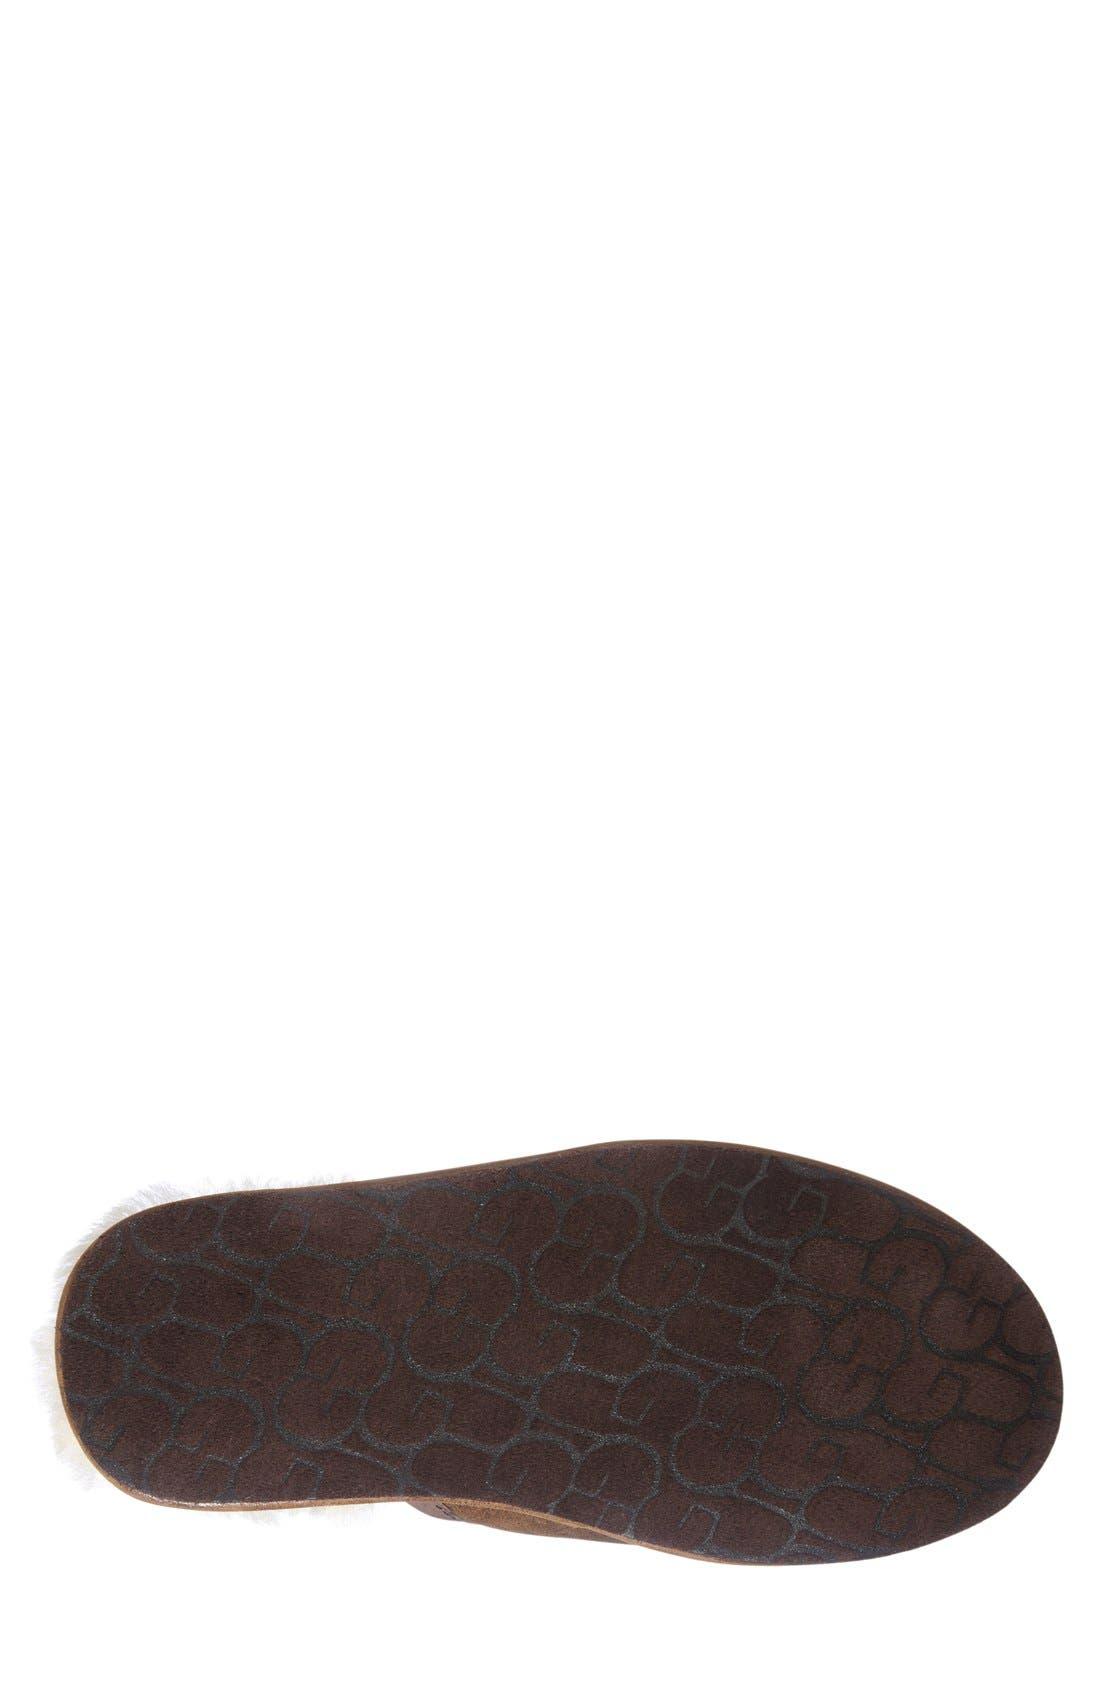 Scuff - Deco Genuine Shearling Slipper,                             Alternate thumbnail 4, color,                             219